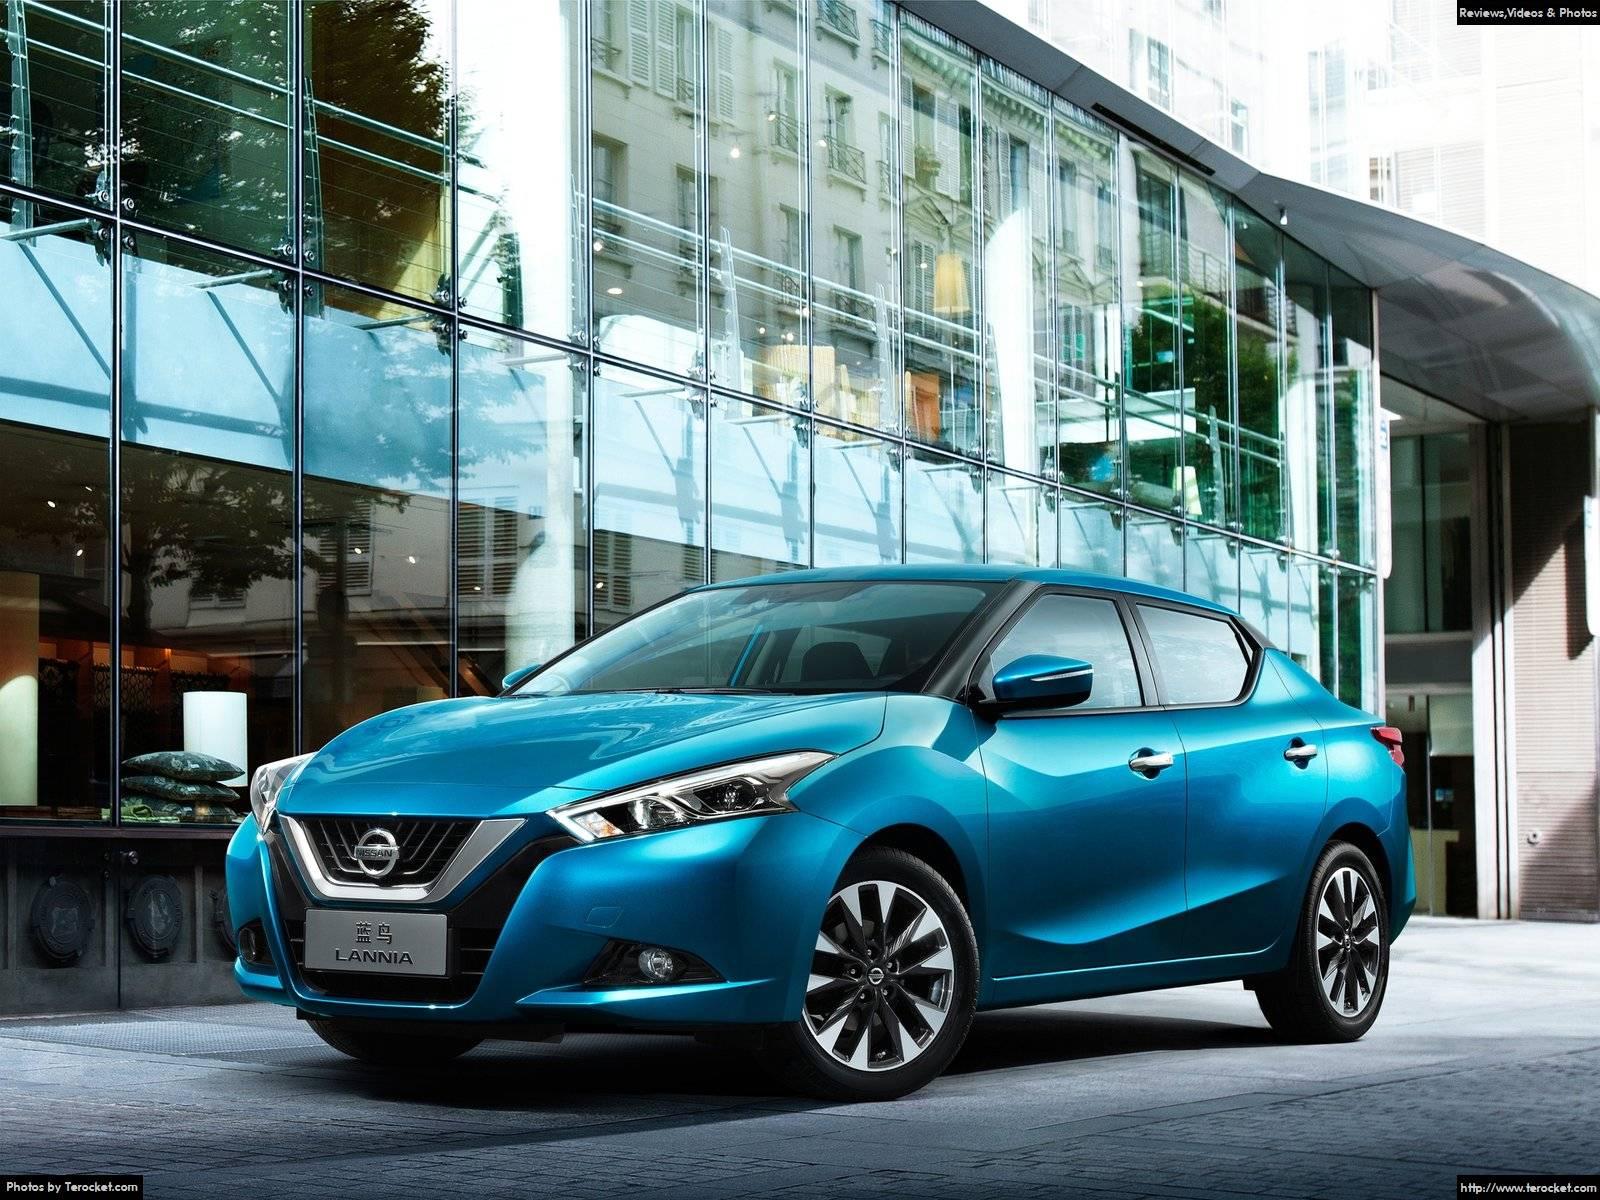 Hình ảnh xe ô tô Nissan Lannia 2016 & nội ngoại thất